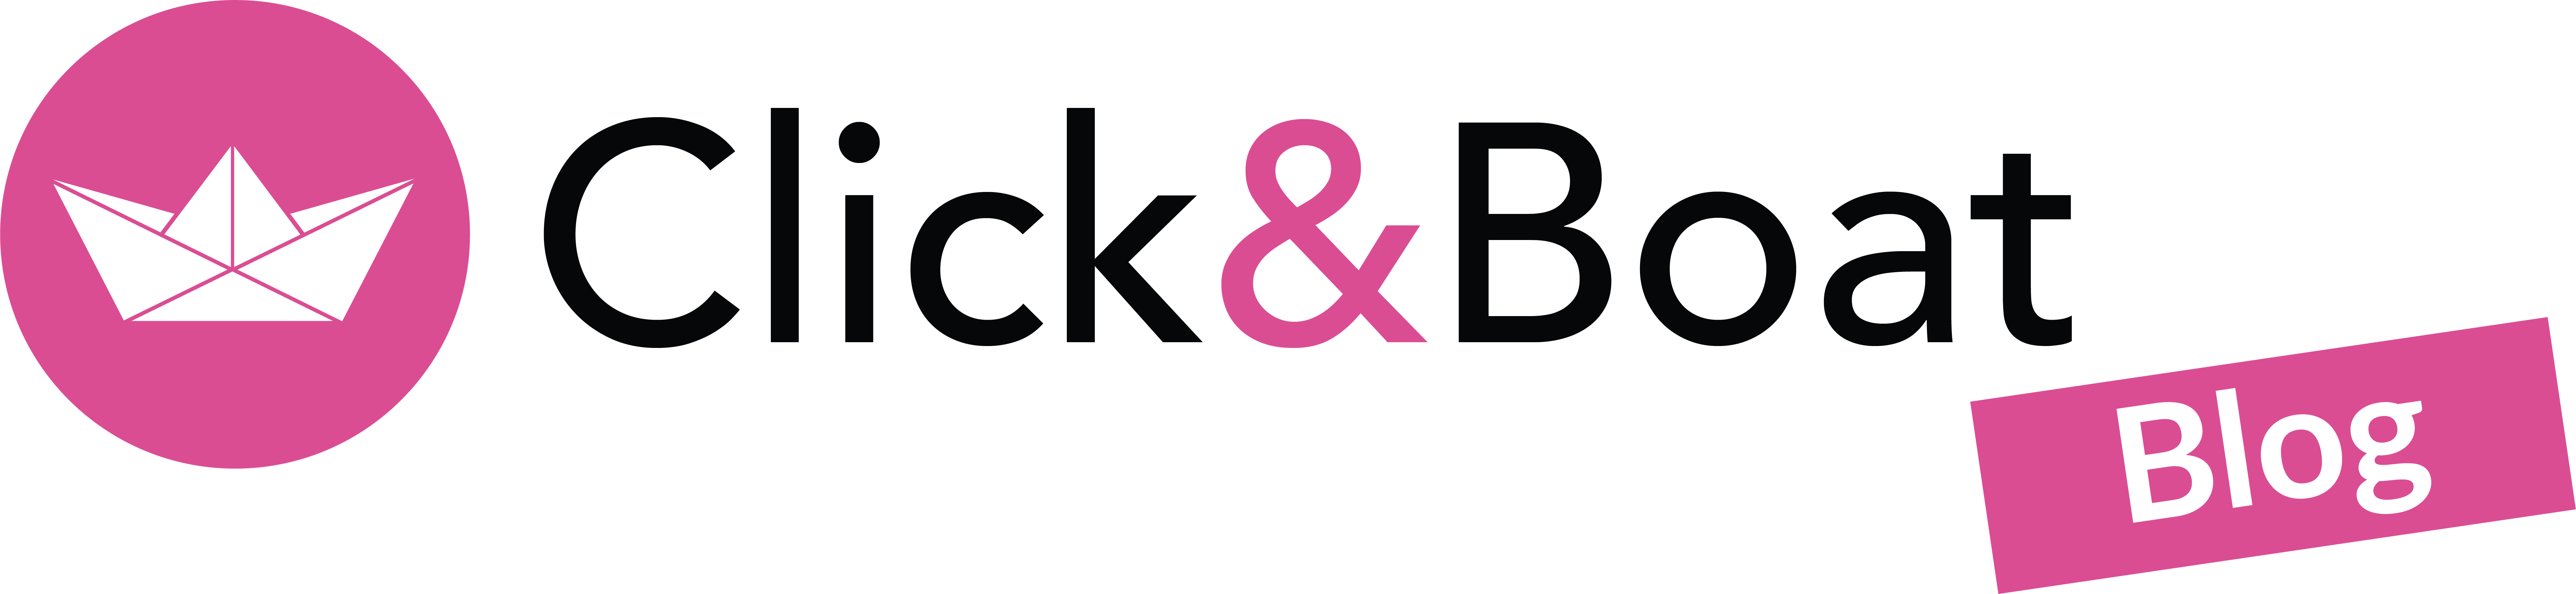 Click&Boat Blog